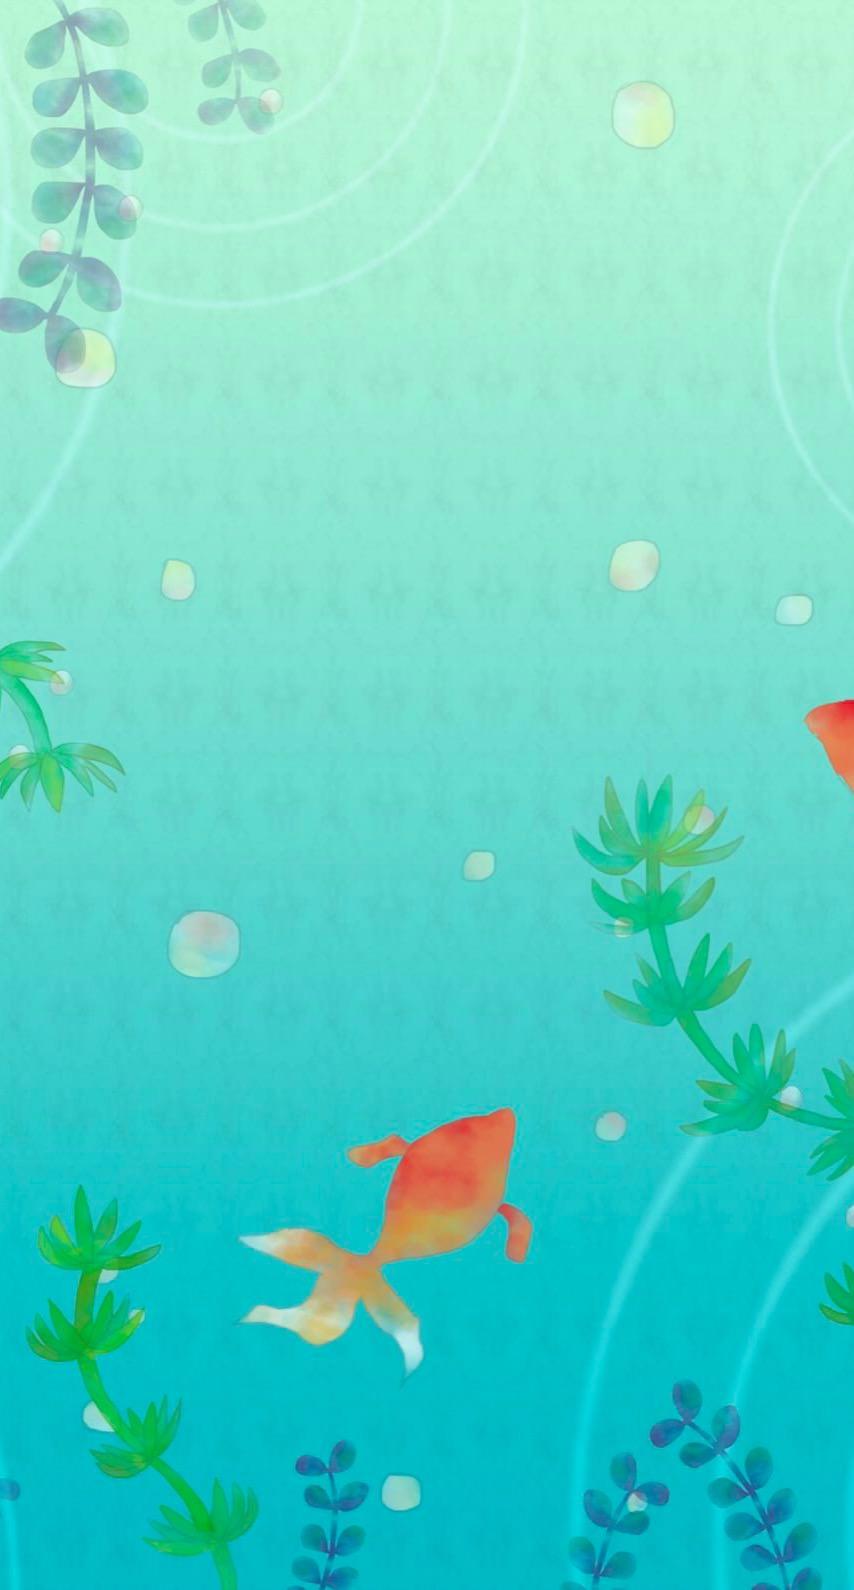 金魚イラスト Wallpapersc Iphone6s壁紙